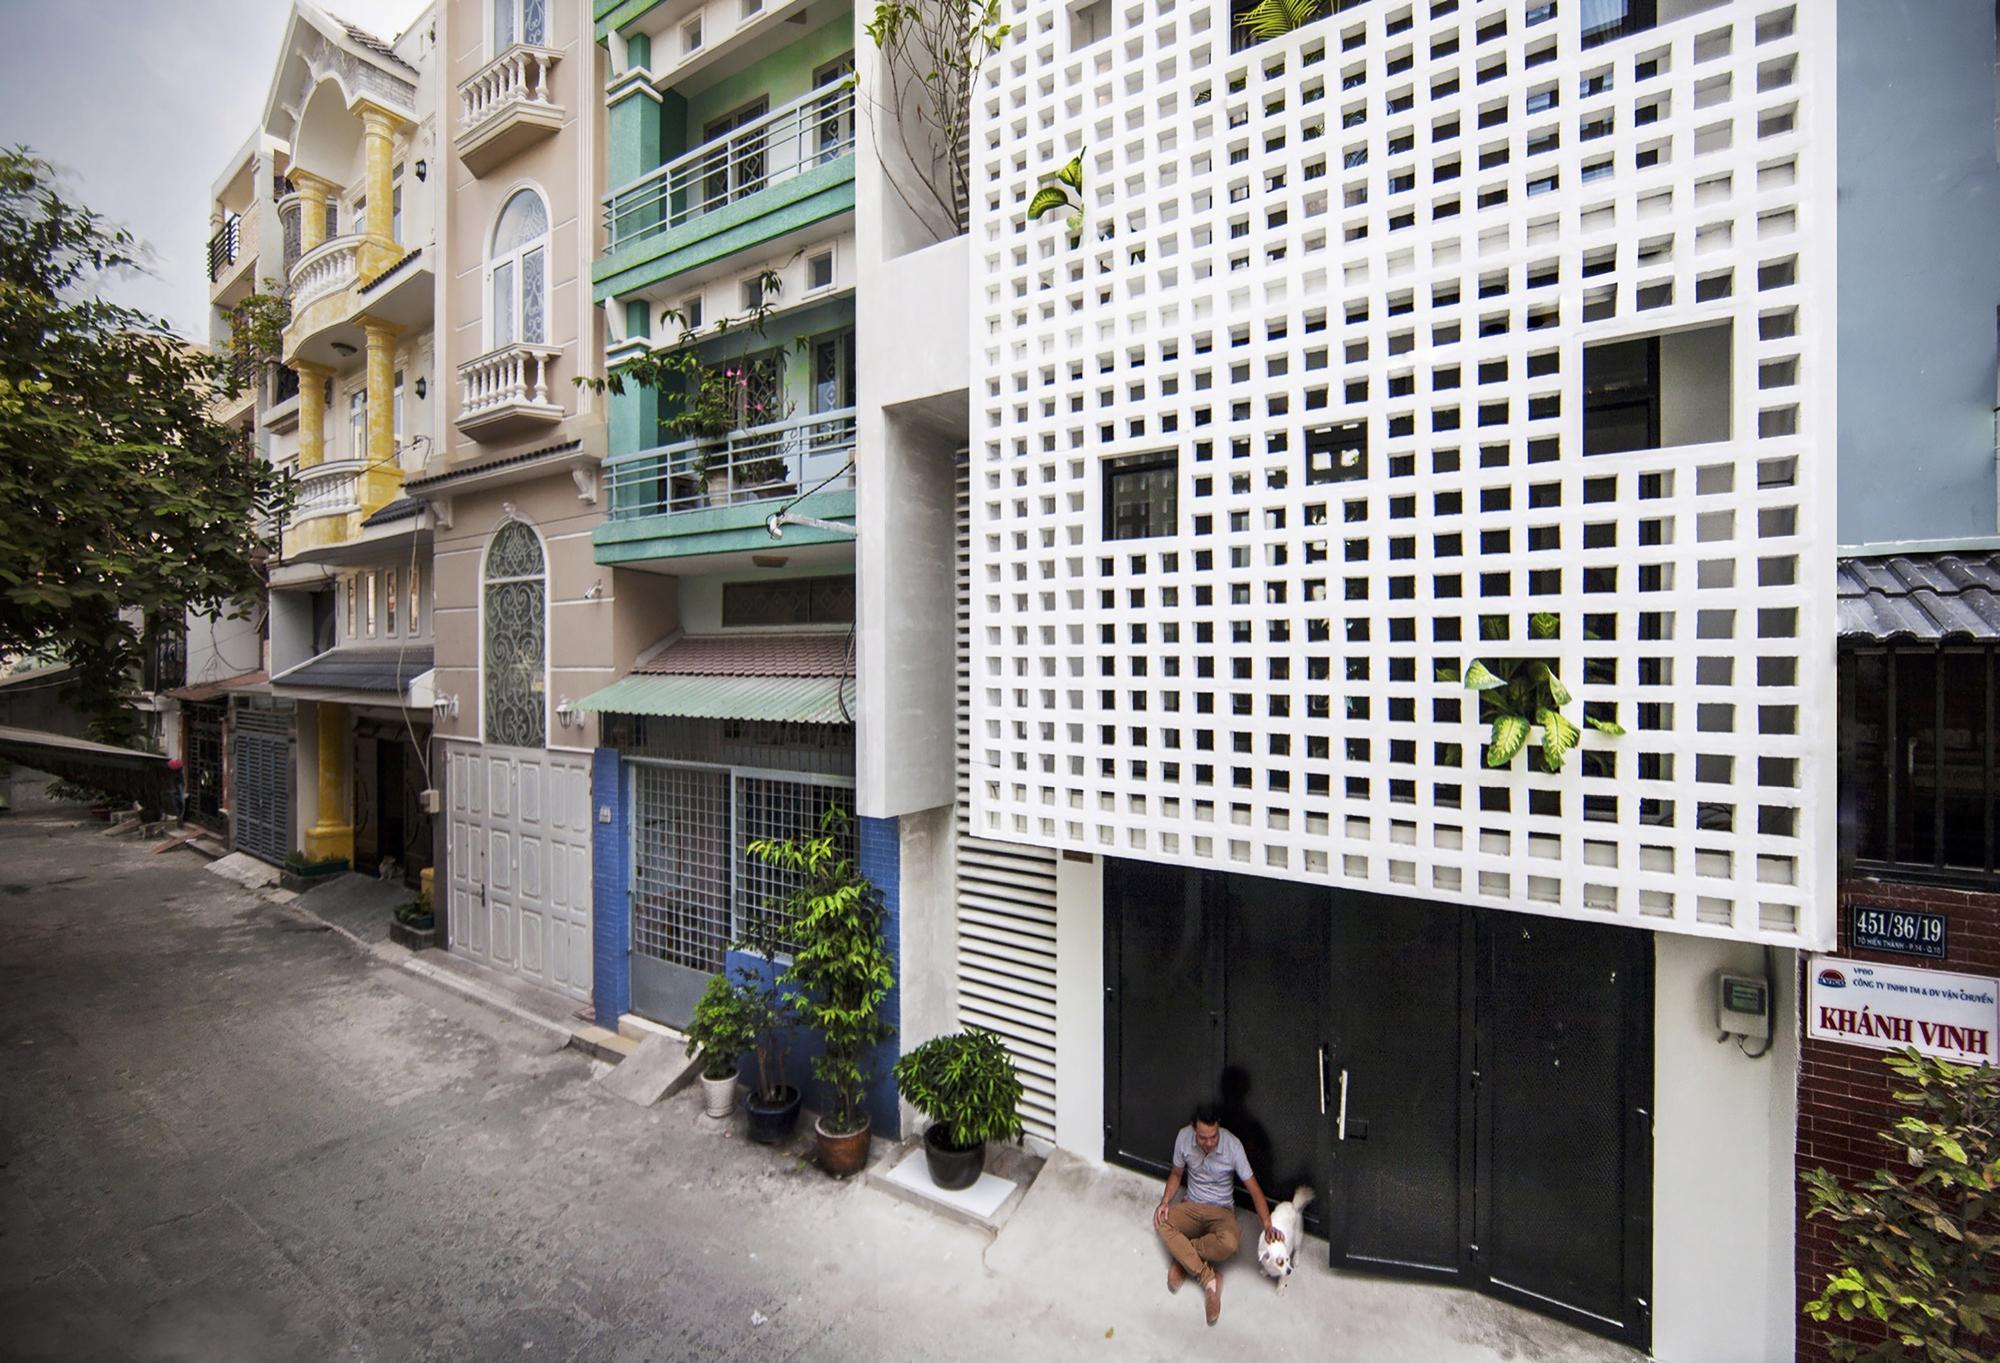 07-Q10_house_celosia_ceramica_studio8_vietnam_lumka_ceramica_a_mano_alzada